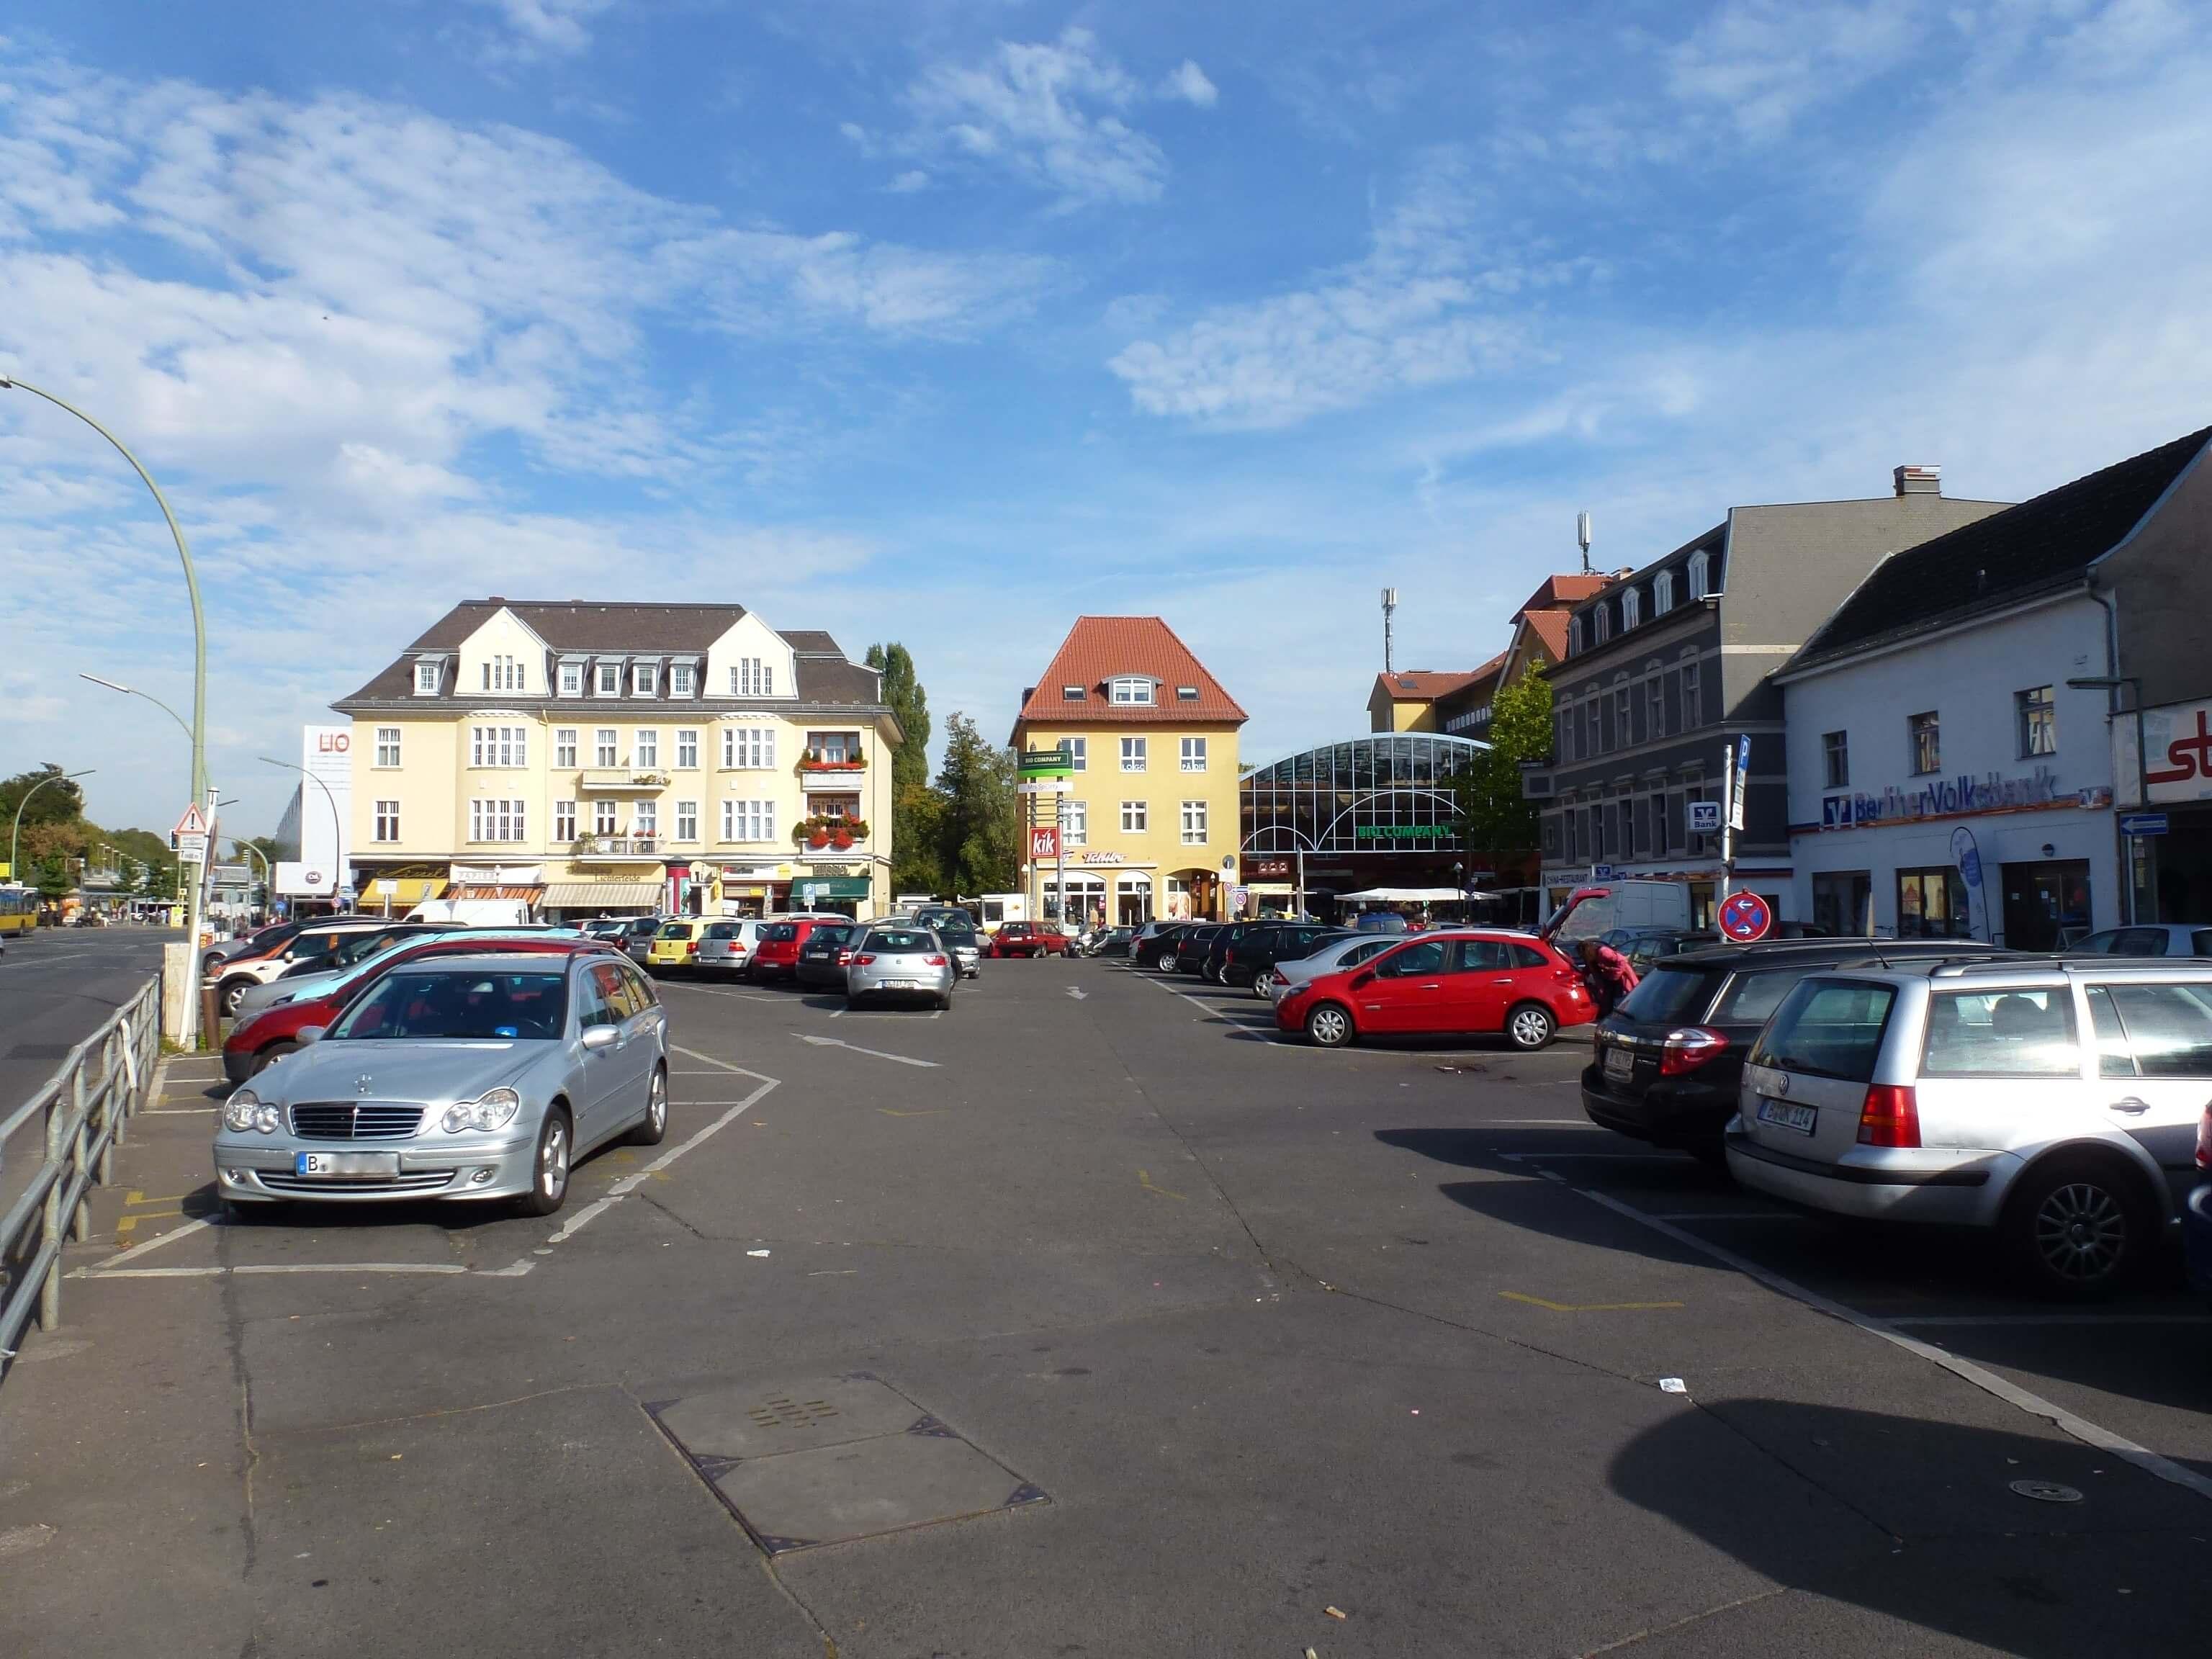 Diskussionen über den Kranoldplatz: Bürgerinitiative kämpft für Verschönerung